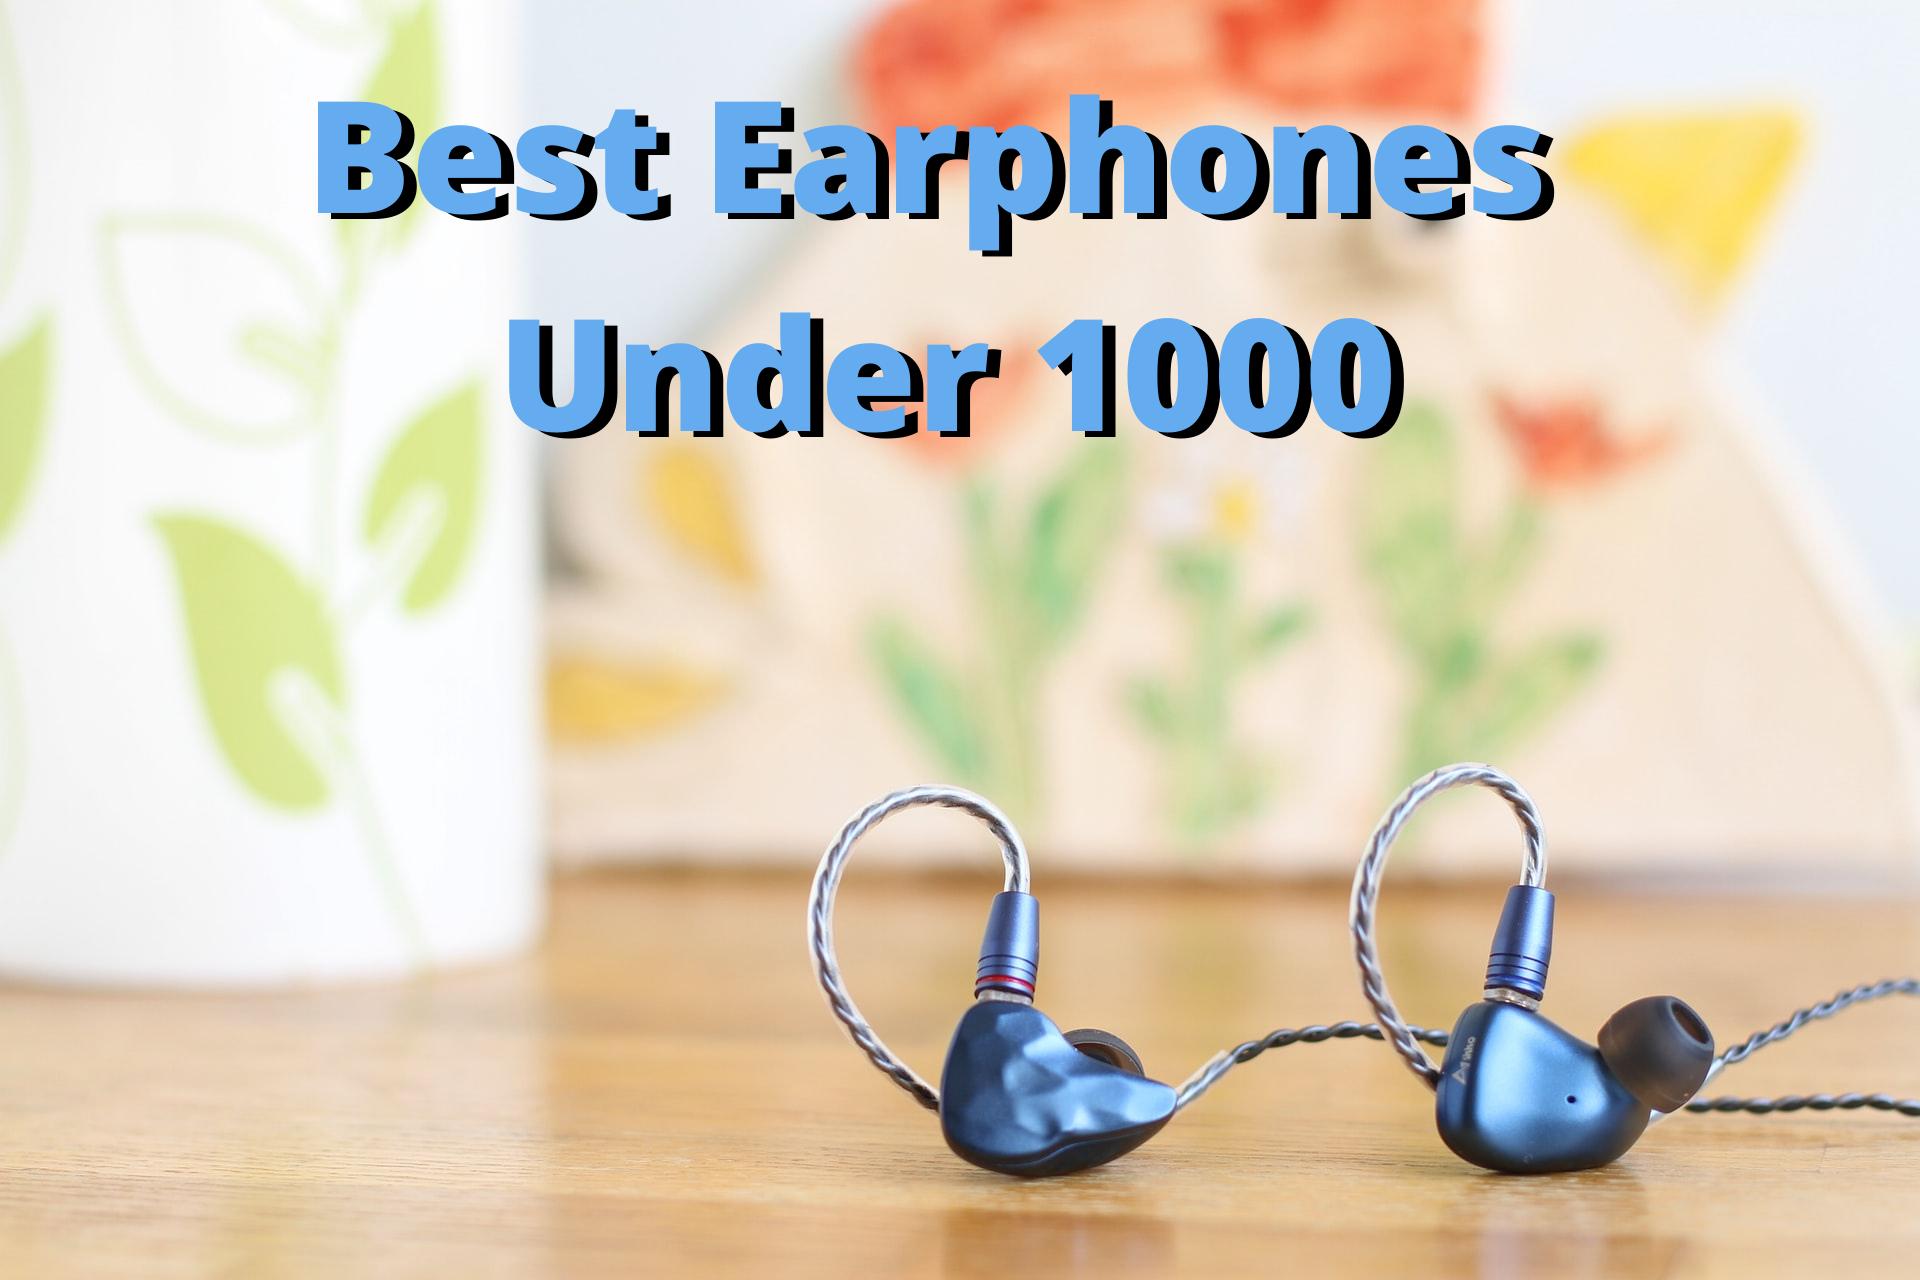 top 5 Best Earphones Under 1000 in India